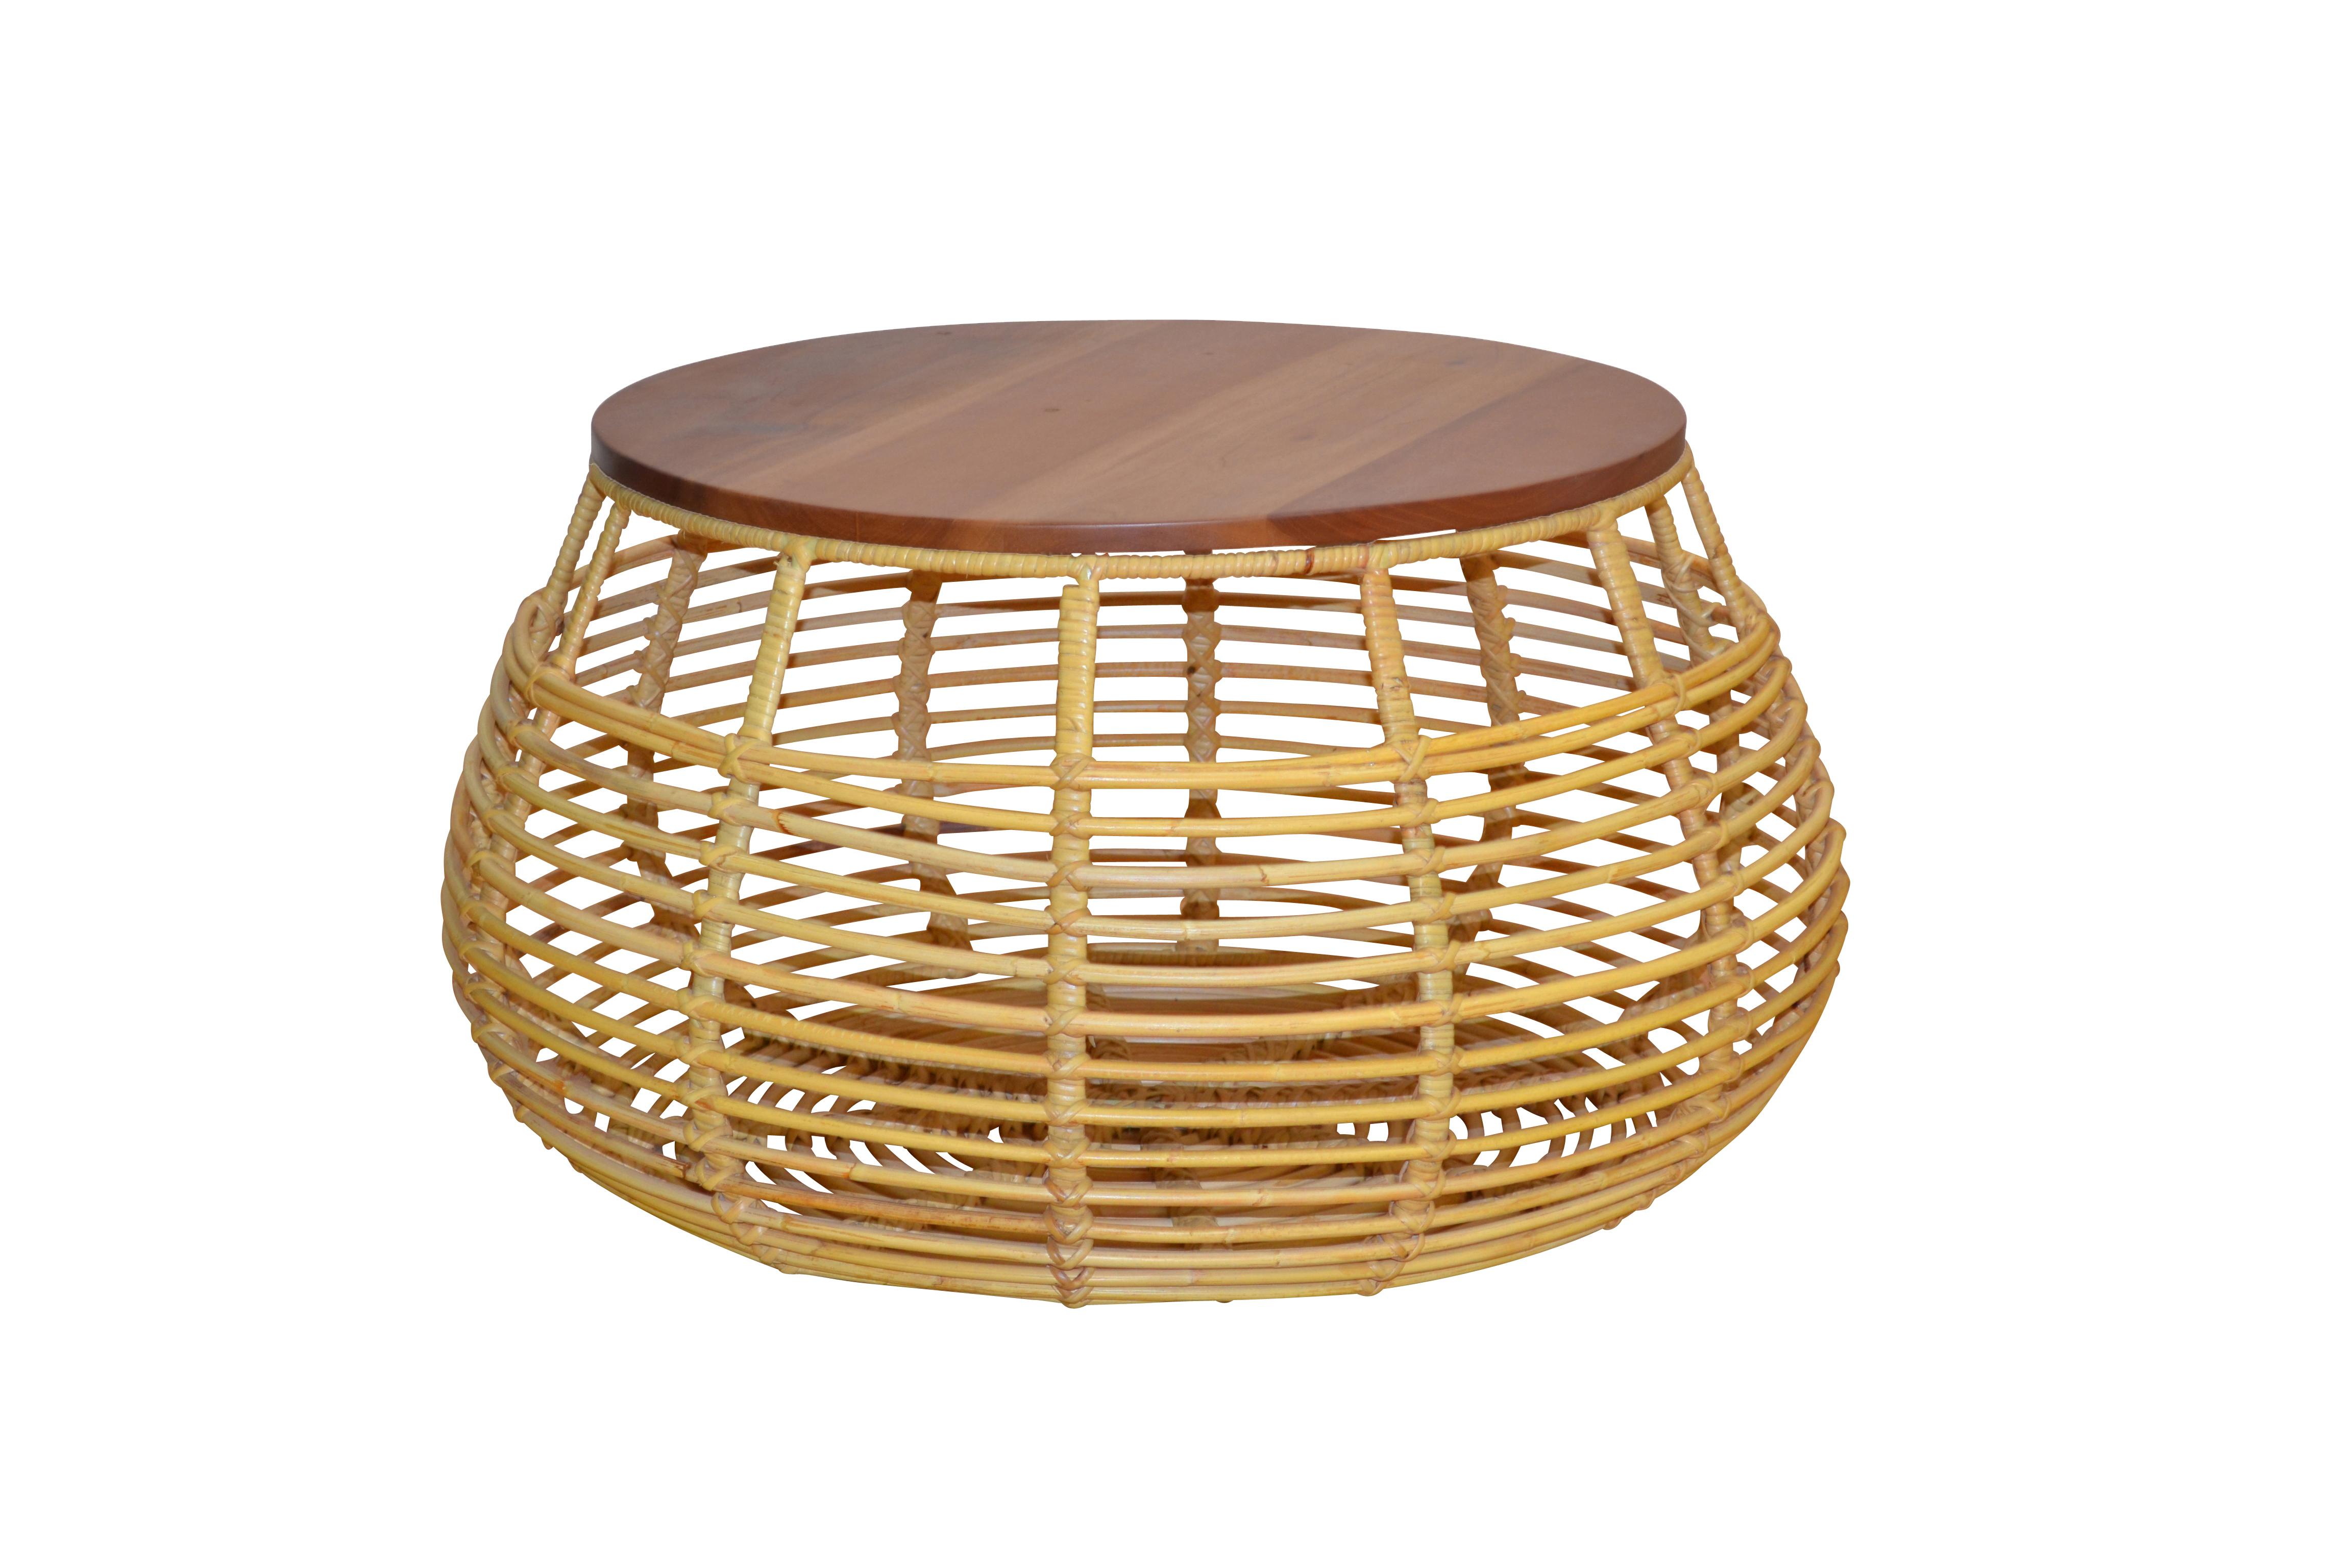 couchtisch aus kubu rattan beistelltisch wohnzimmertisch. Black Bedroom Furniture Sets. Home Design Ideas